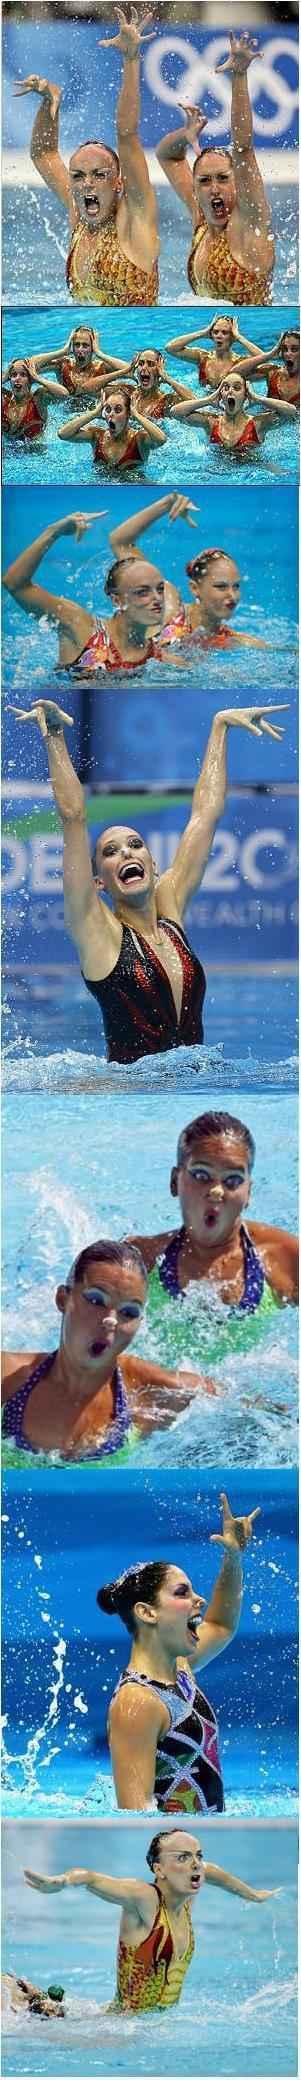 【花样游泳】只有我一个人觉得这些表情好笑么。。。